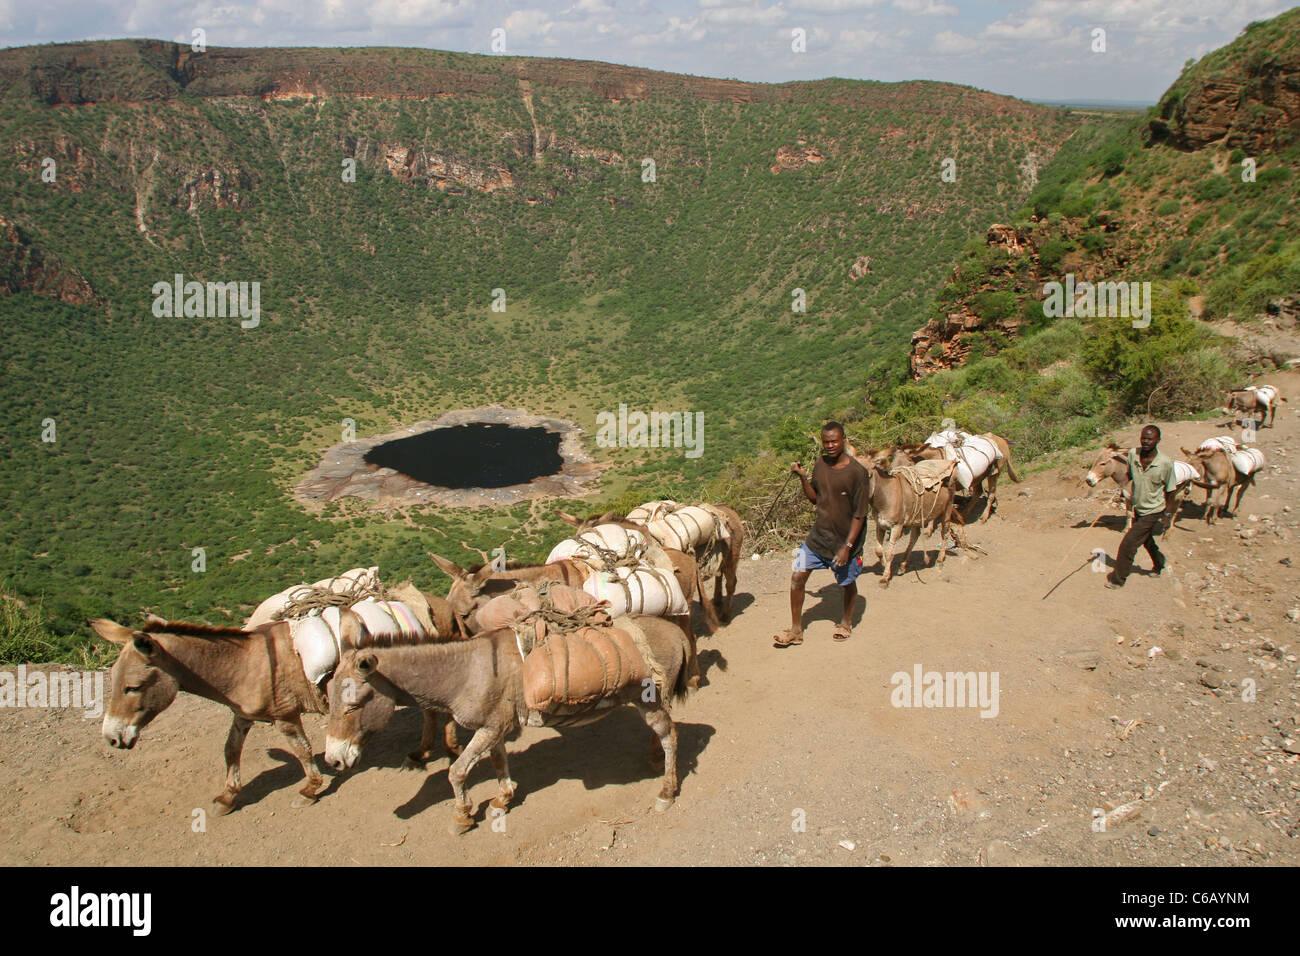 Kauen Sie Wette Krater und Wohnwagen im Süden Äthiopiens Stockbild